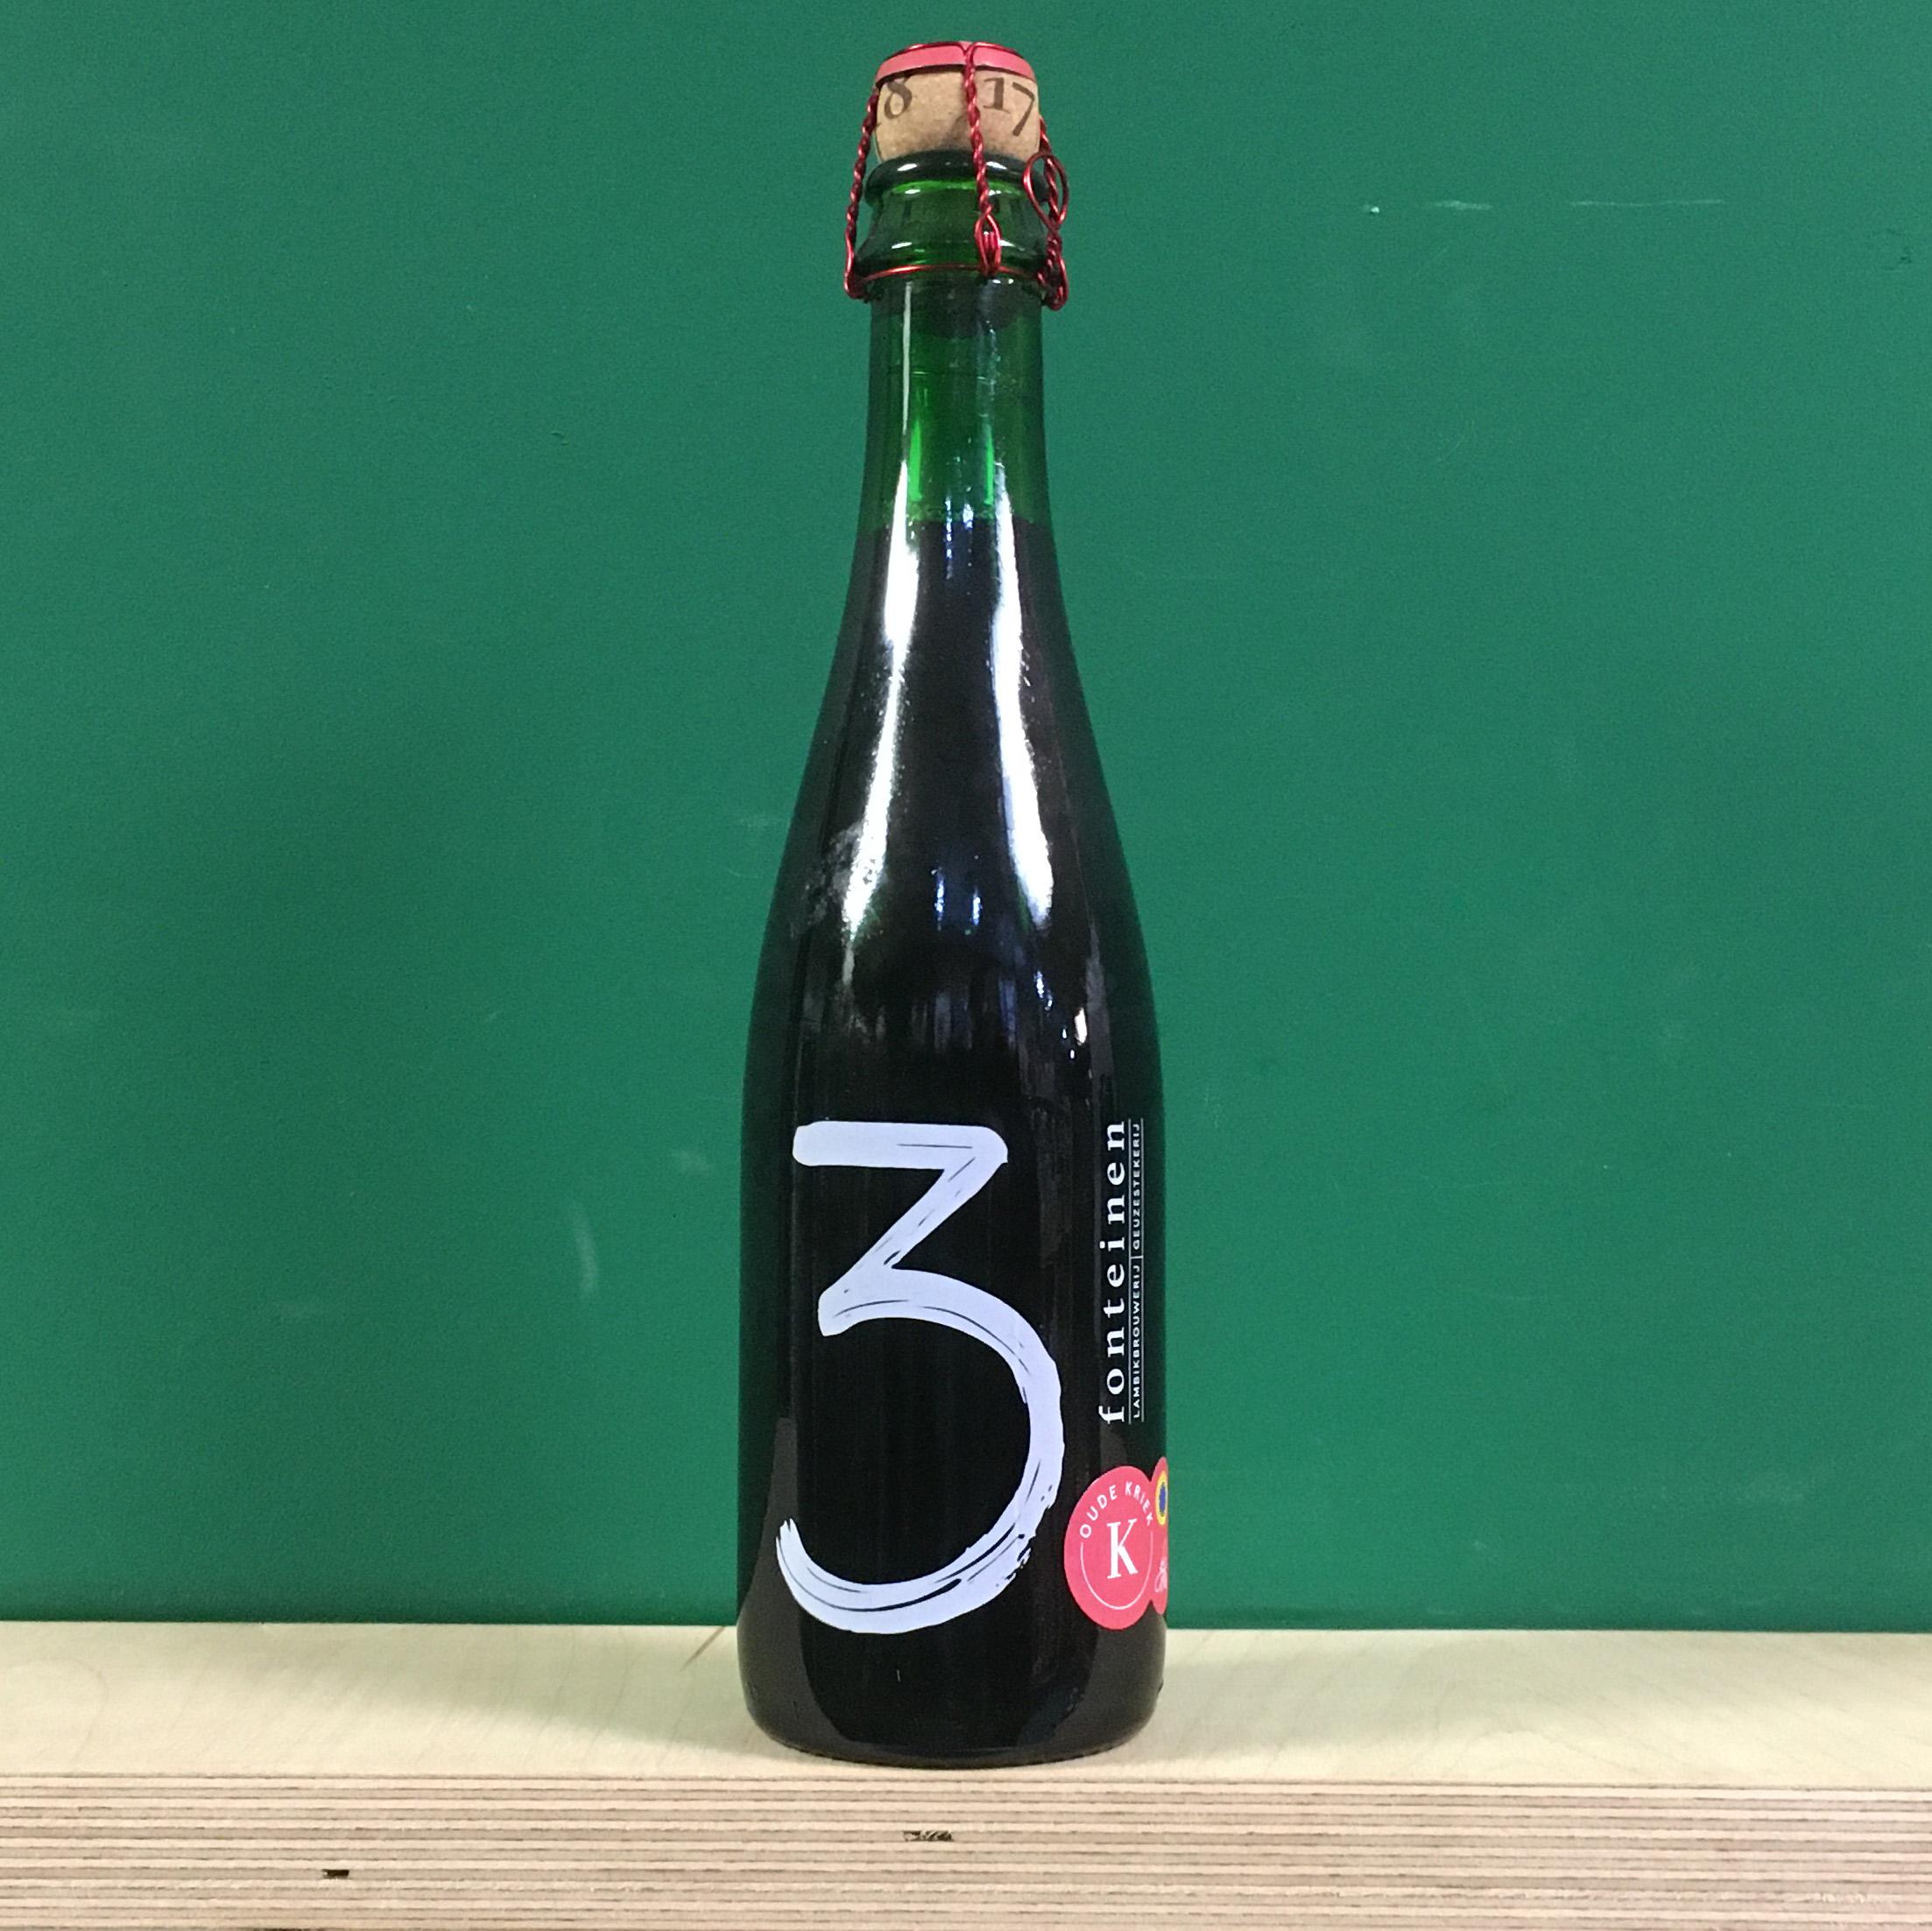 3 Fonteinen Oude Kriek - 375ml